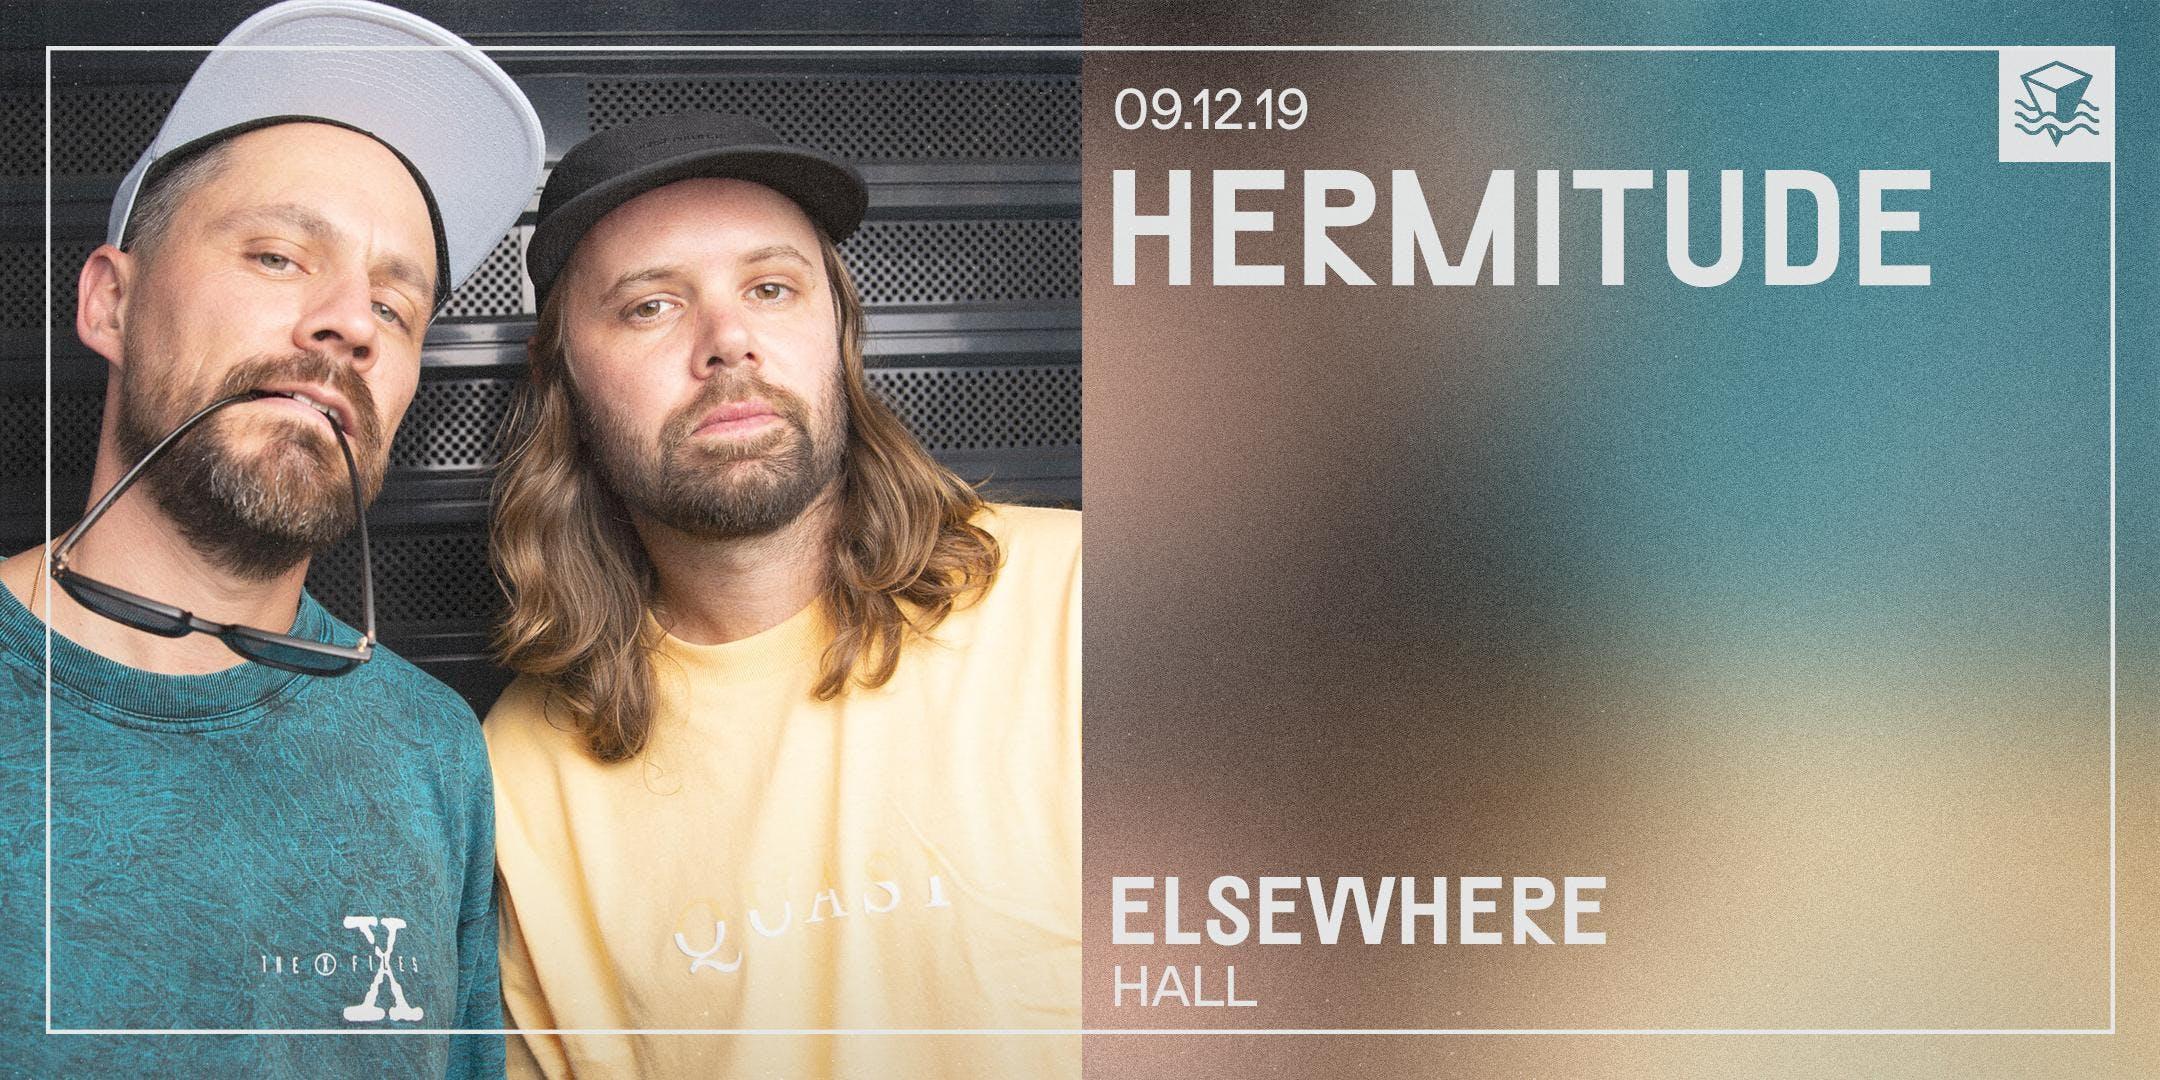 Hermitude